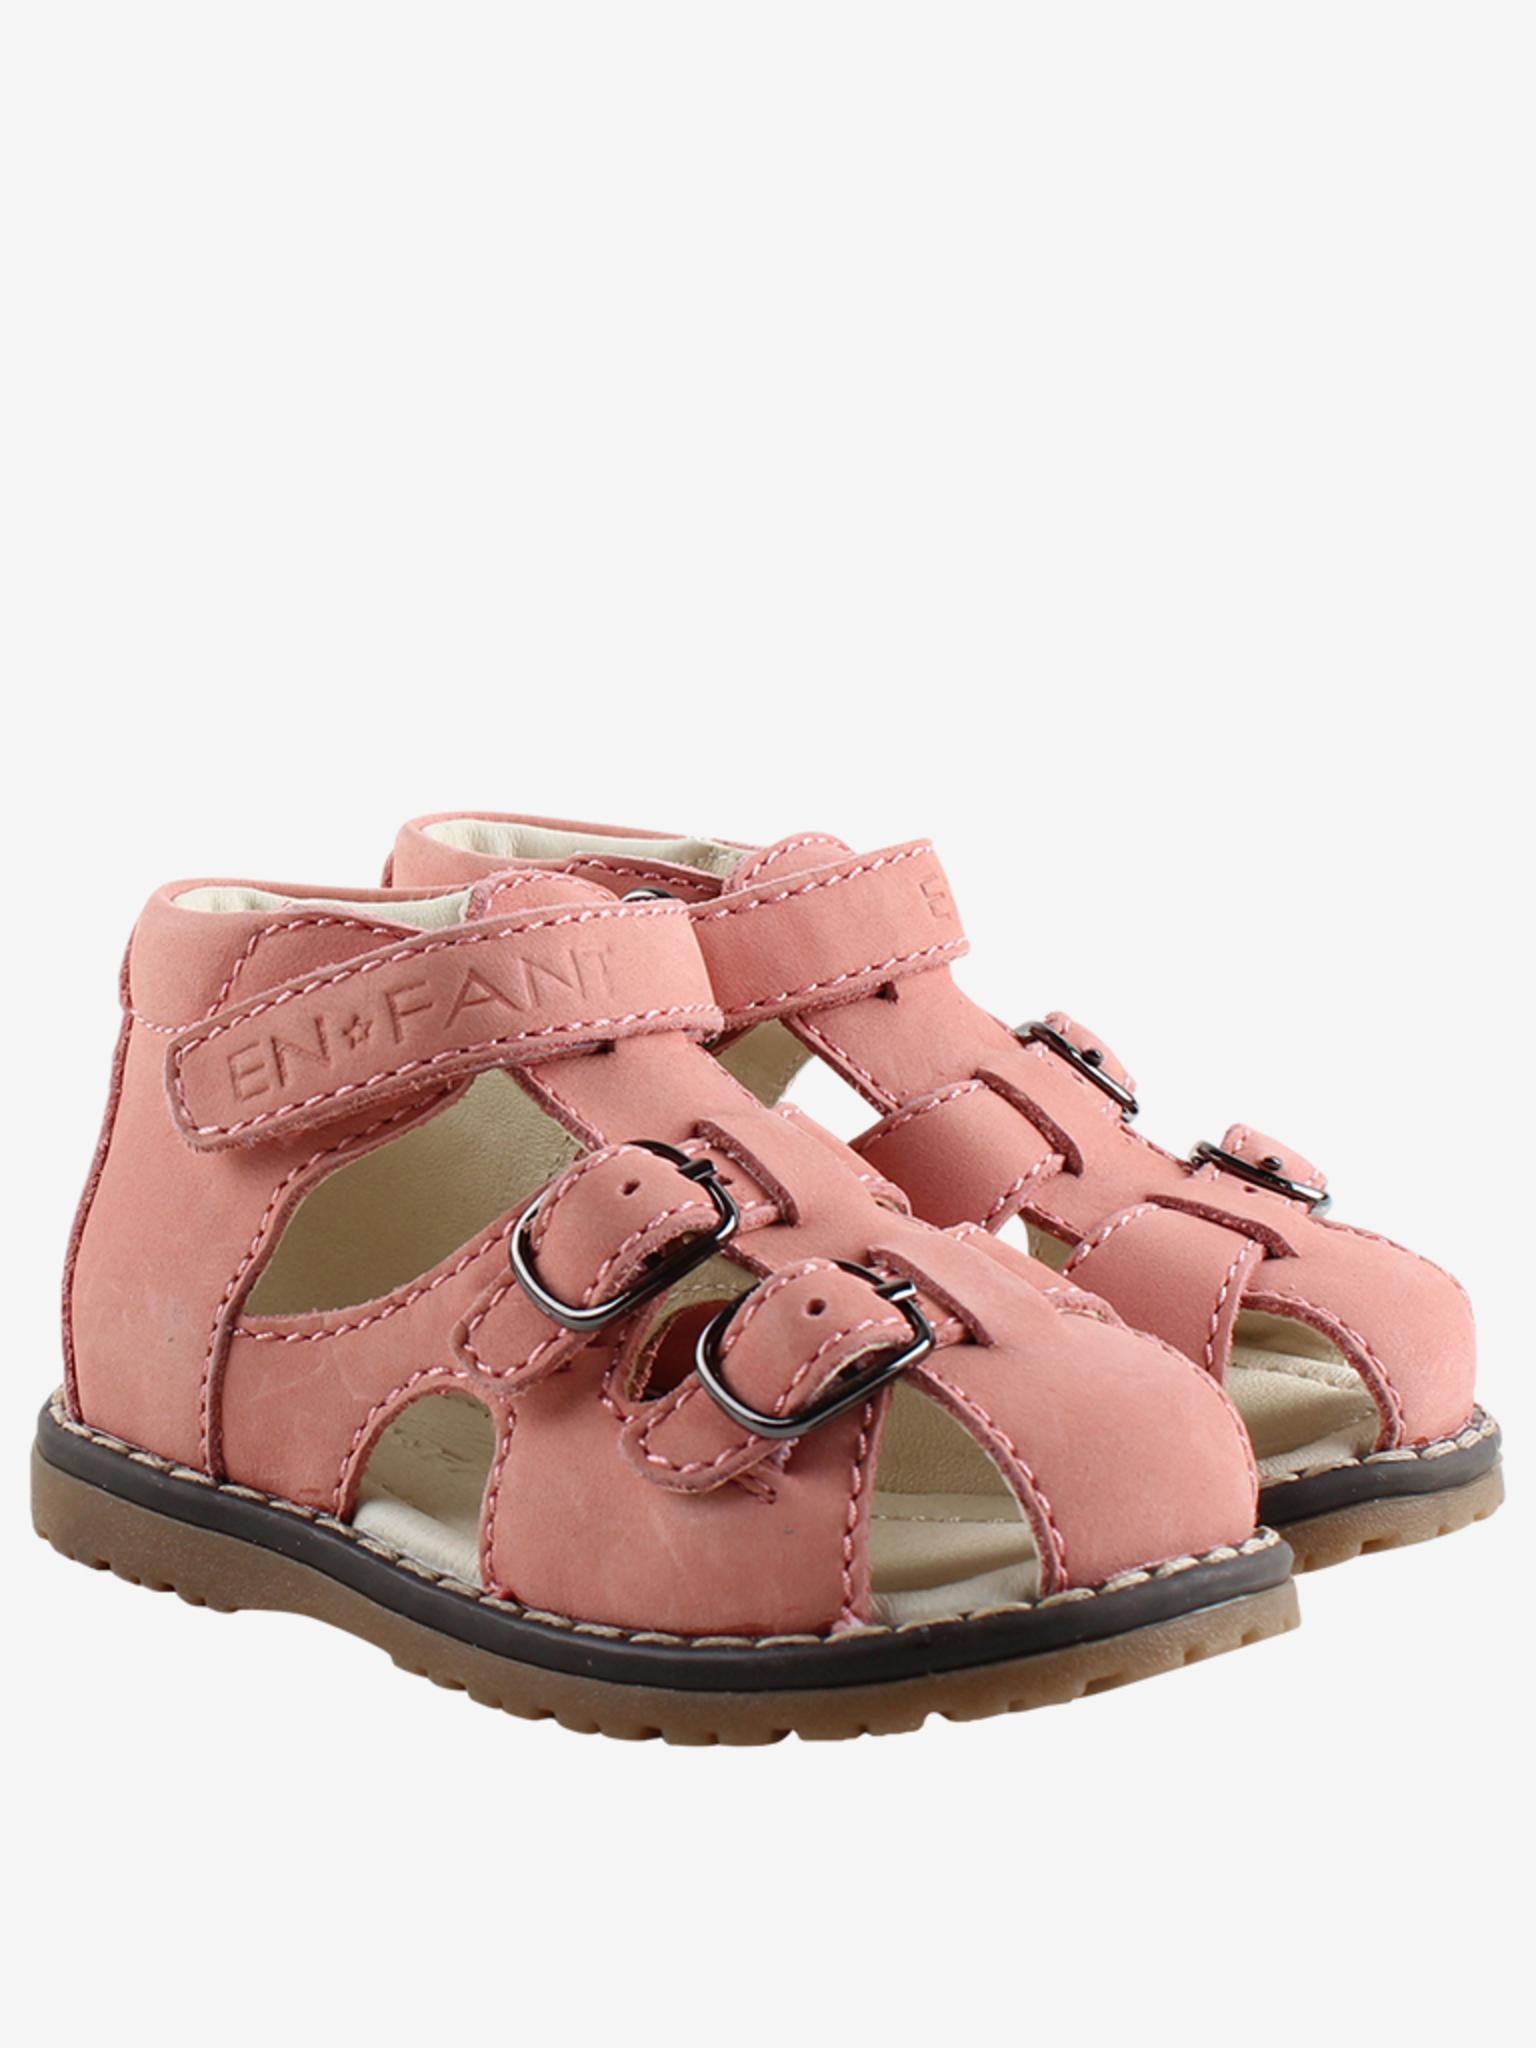 En Fant kojenecké kožené sandálky 815256 - 151